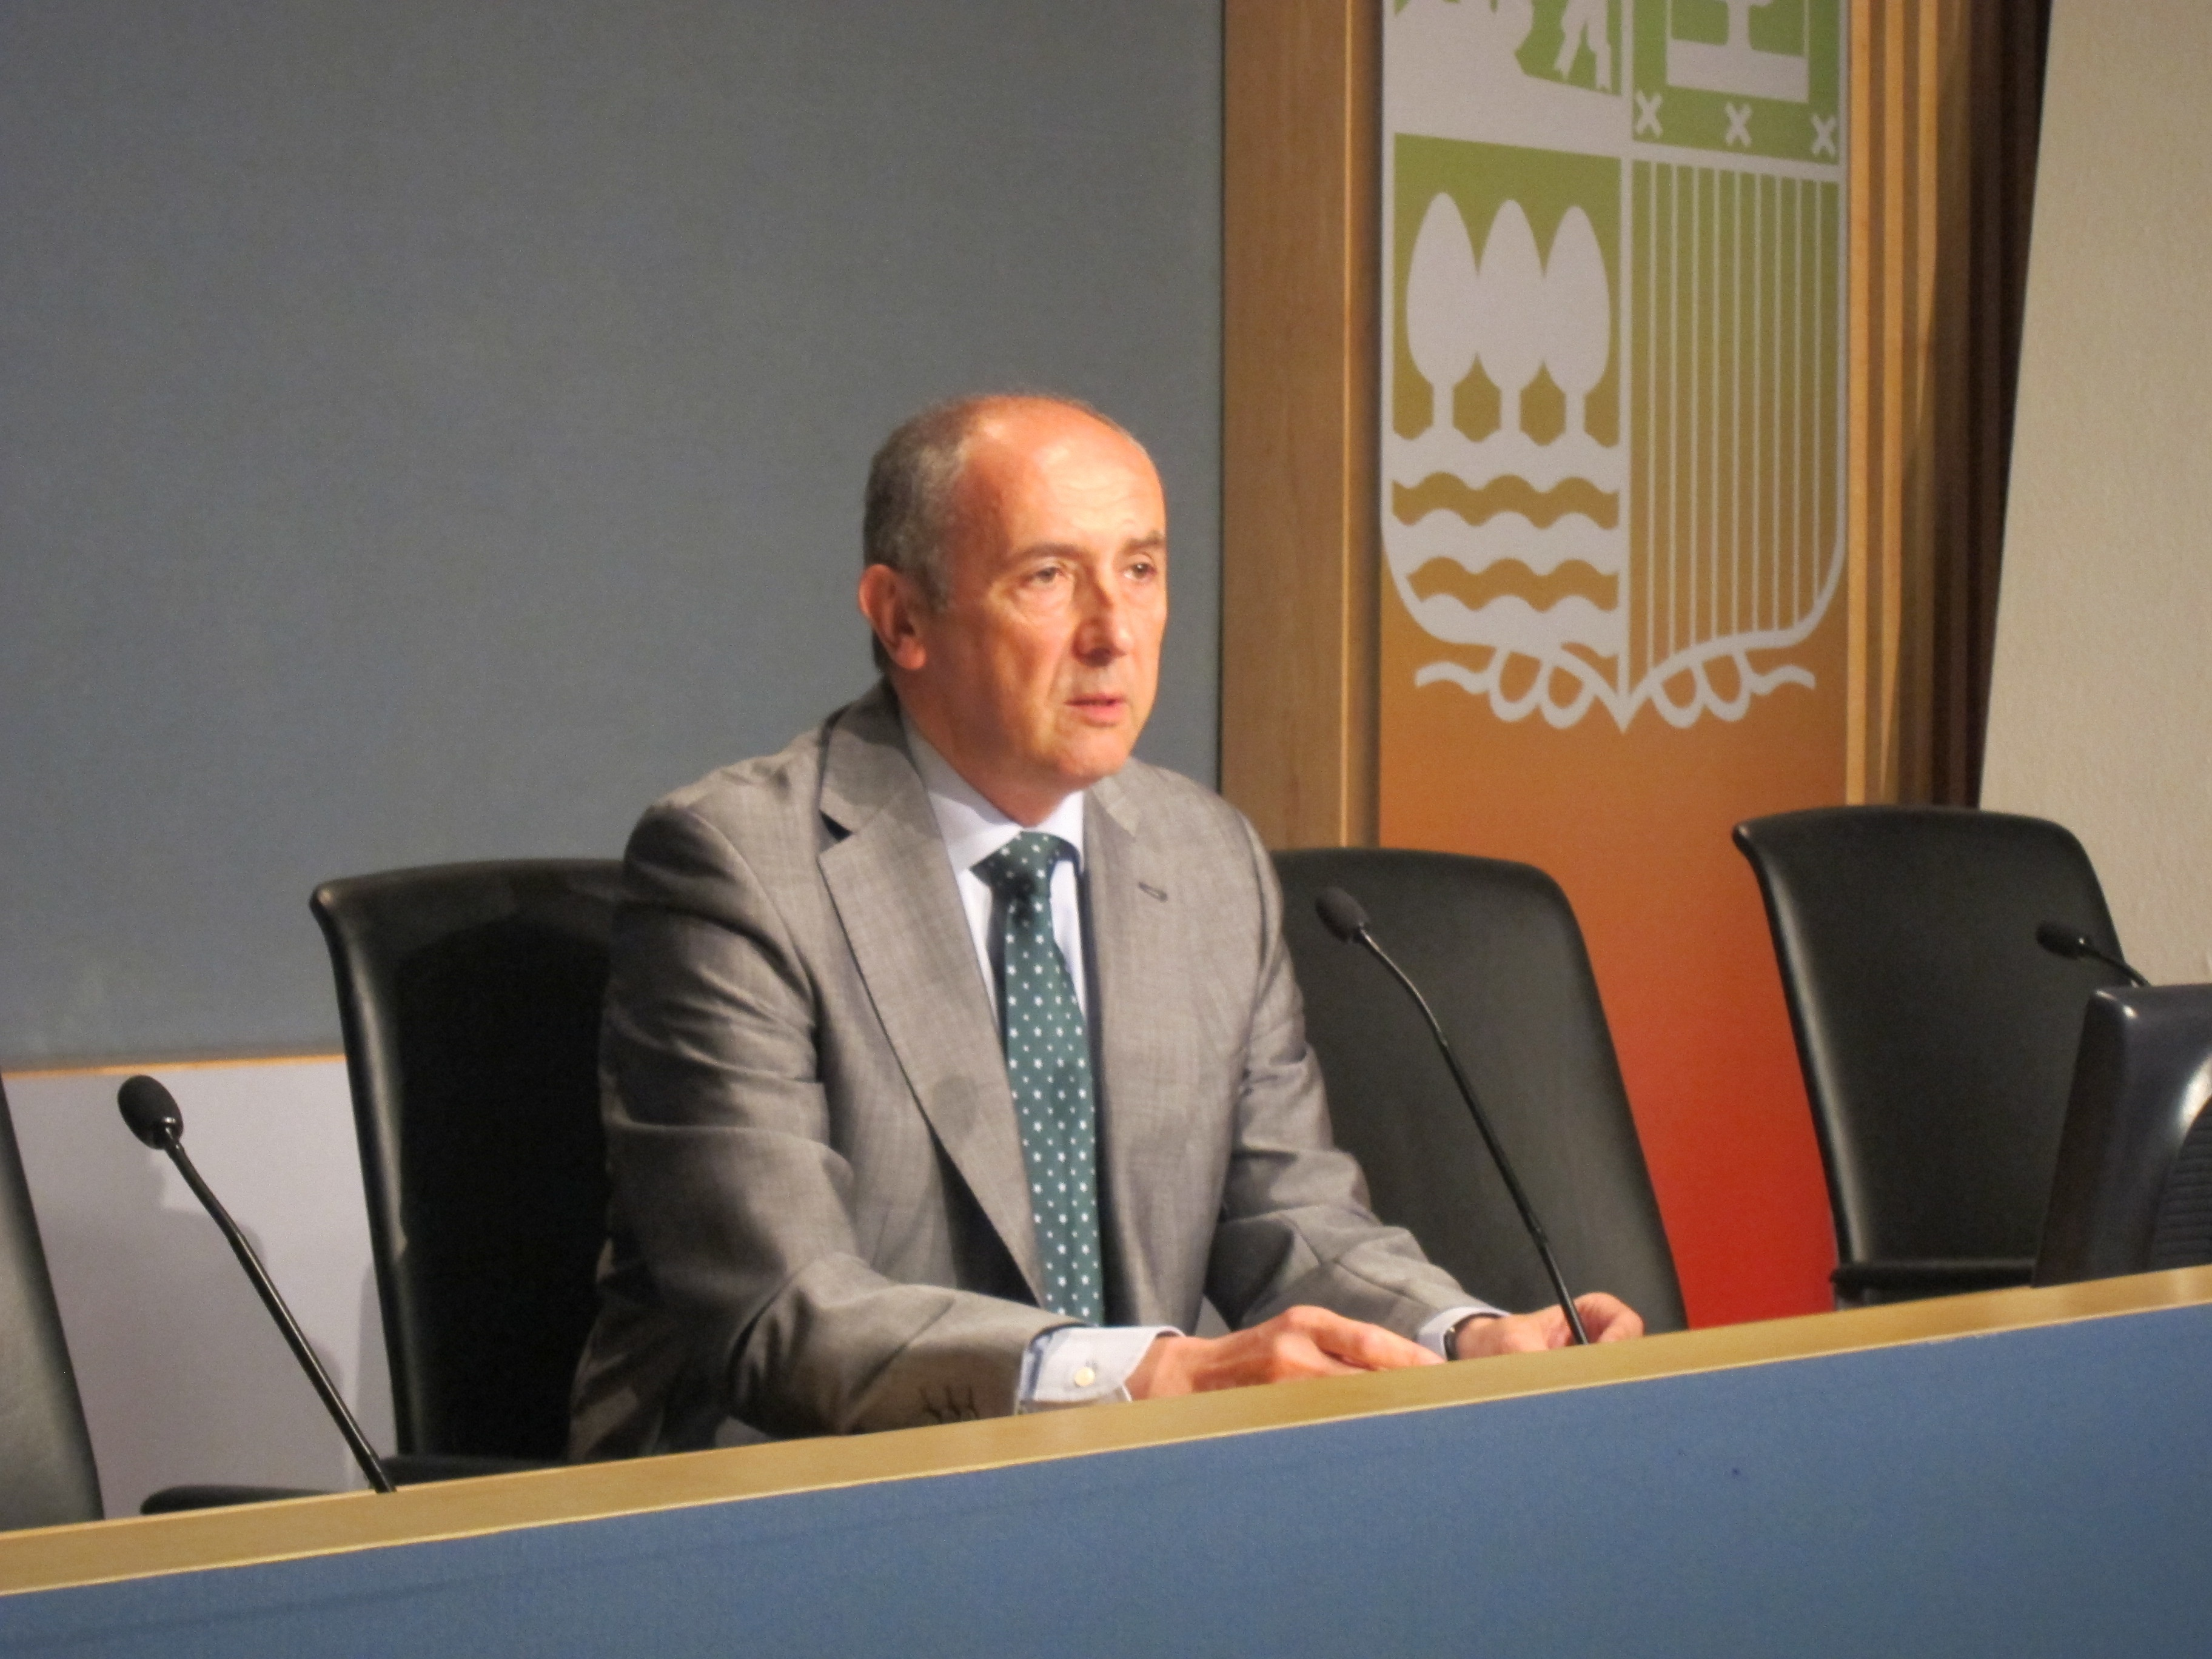 Gobierno vasco estudia acciones judiciales contra el central por «intromisión» en competencias vascas en seguridad vial